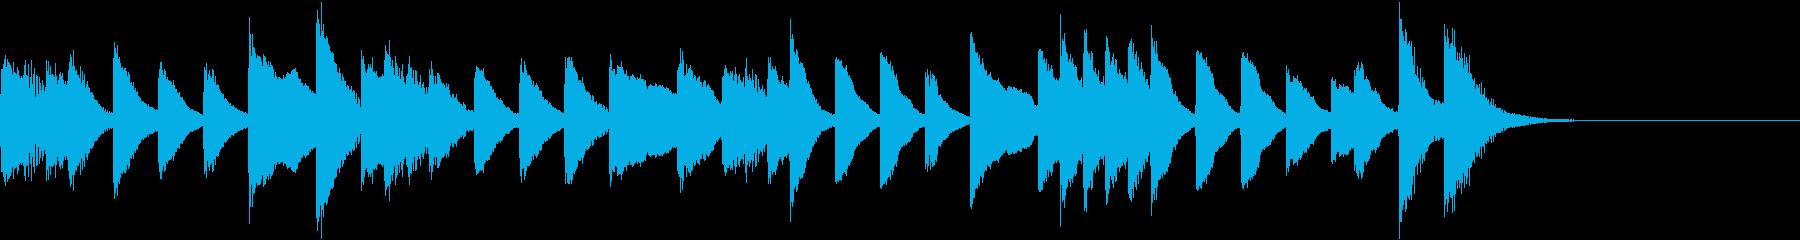 メロディ単体の情熱的ラテンピアノジングルの再生済みの波形